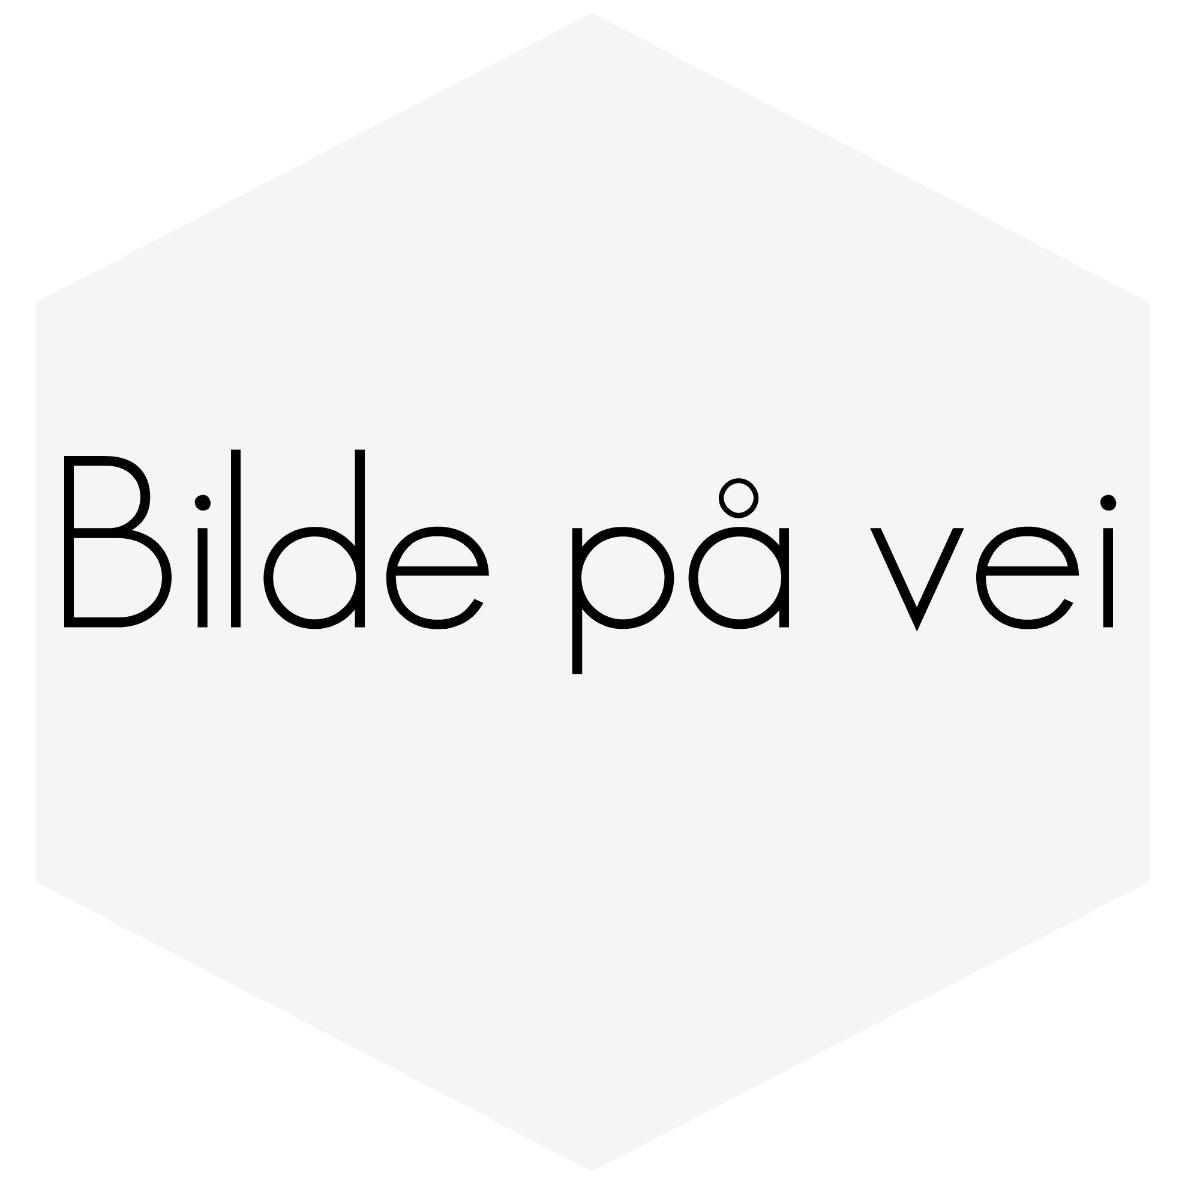 SPOILERLAMPE/FOGLAMP VOLVO S60 05>09 VENSTRE 8693336